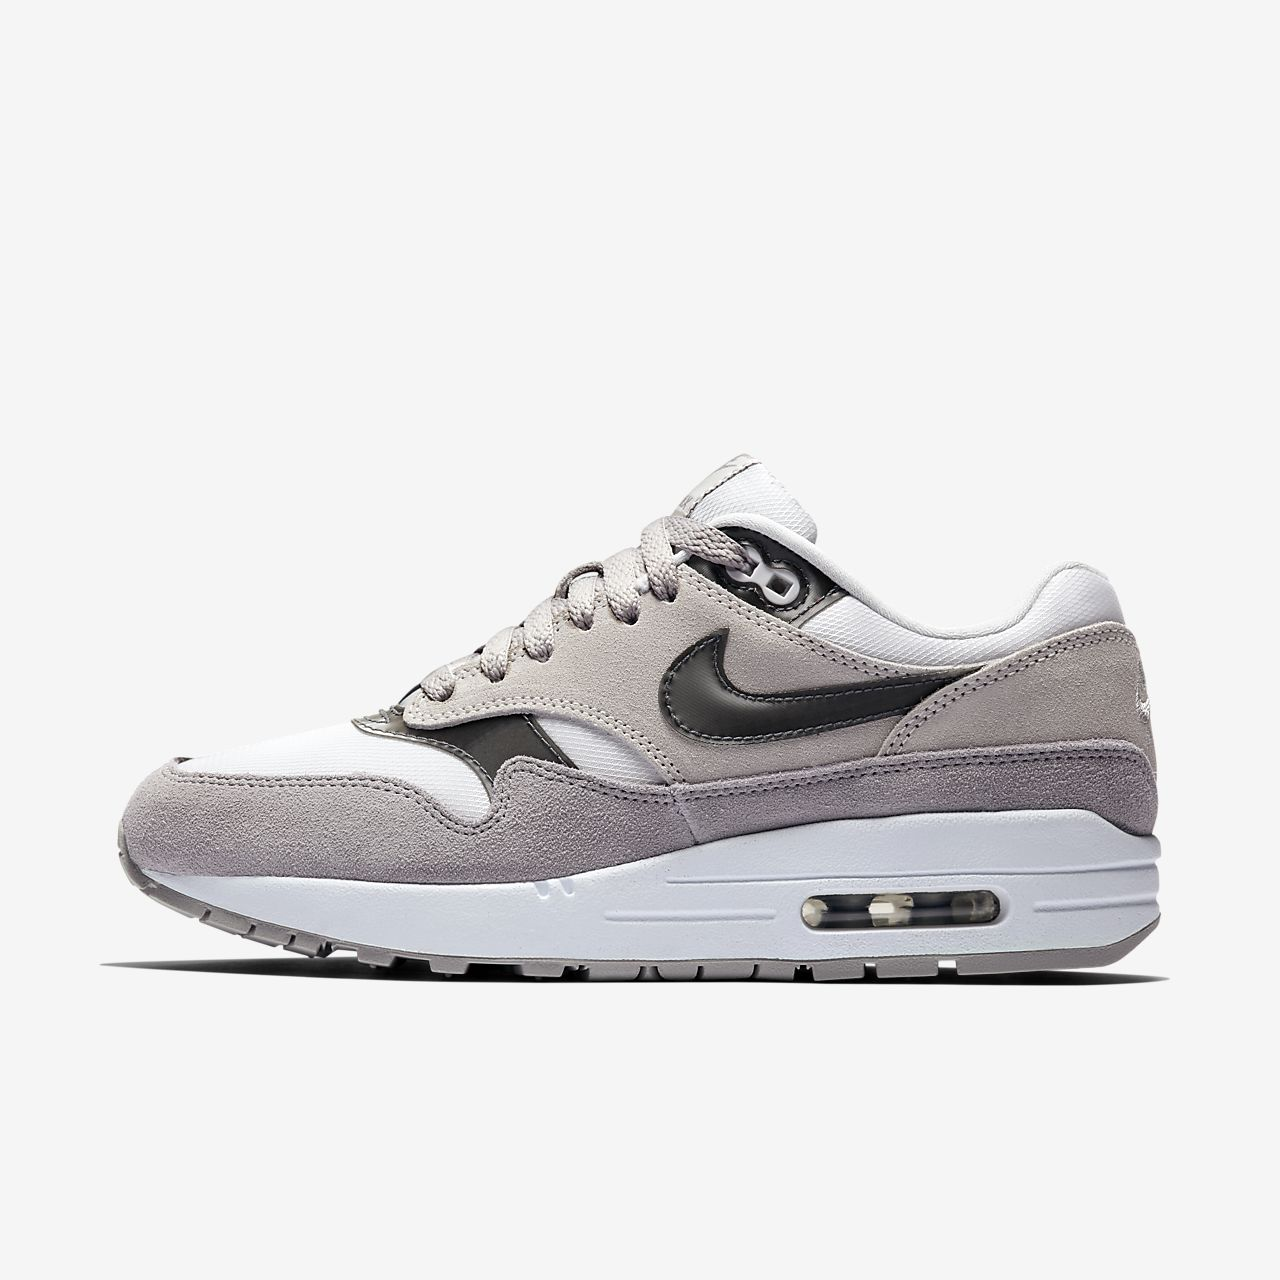 Chaussure Se Max Be Pour Air 1 Nike Femme qzwrCAqUx